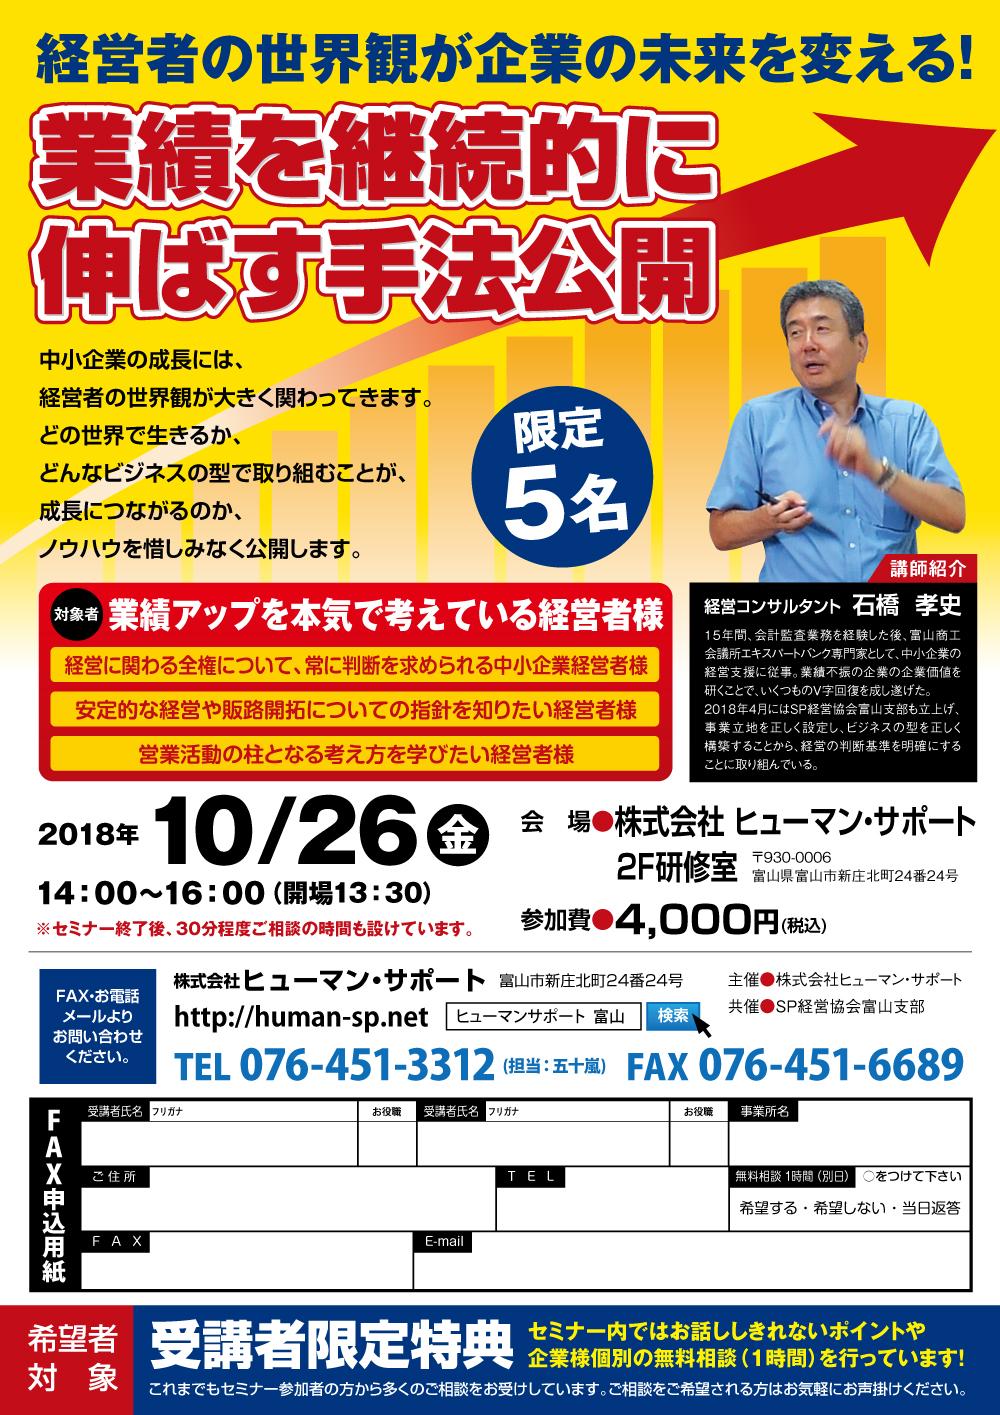 10月26日HSセミナー開催